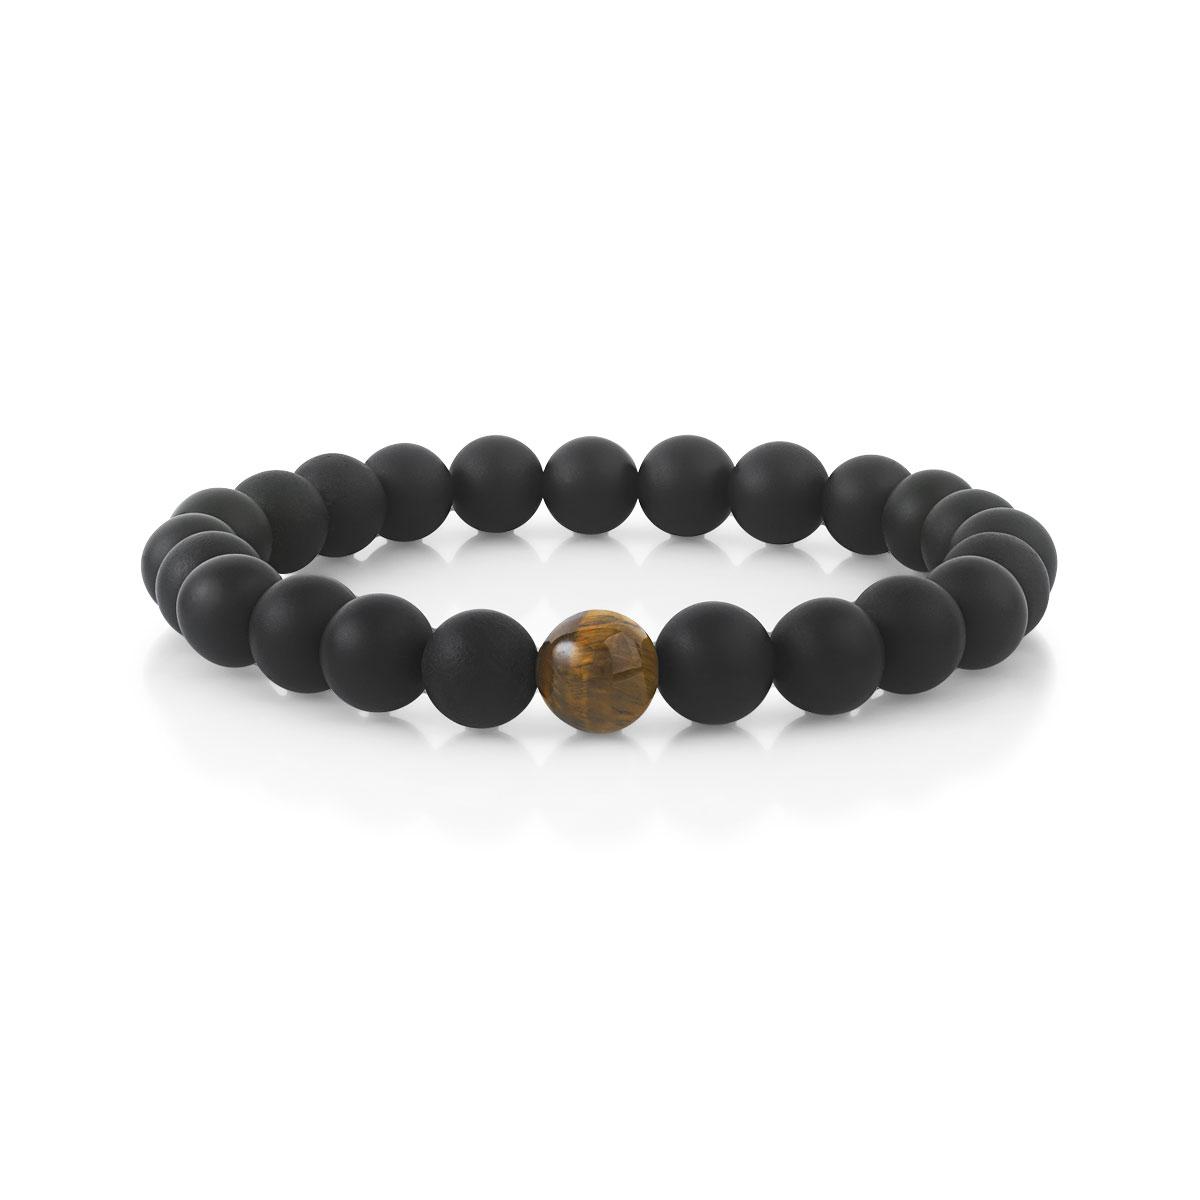 acheter populaire 08d0e cb4ea Bracelet perles onyx et oeil de tigre 19 cm